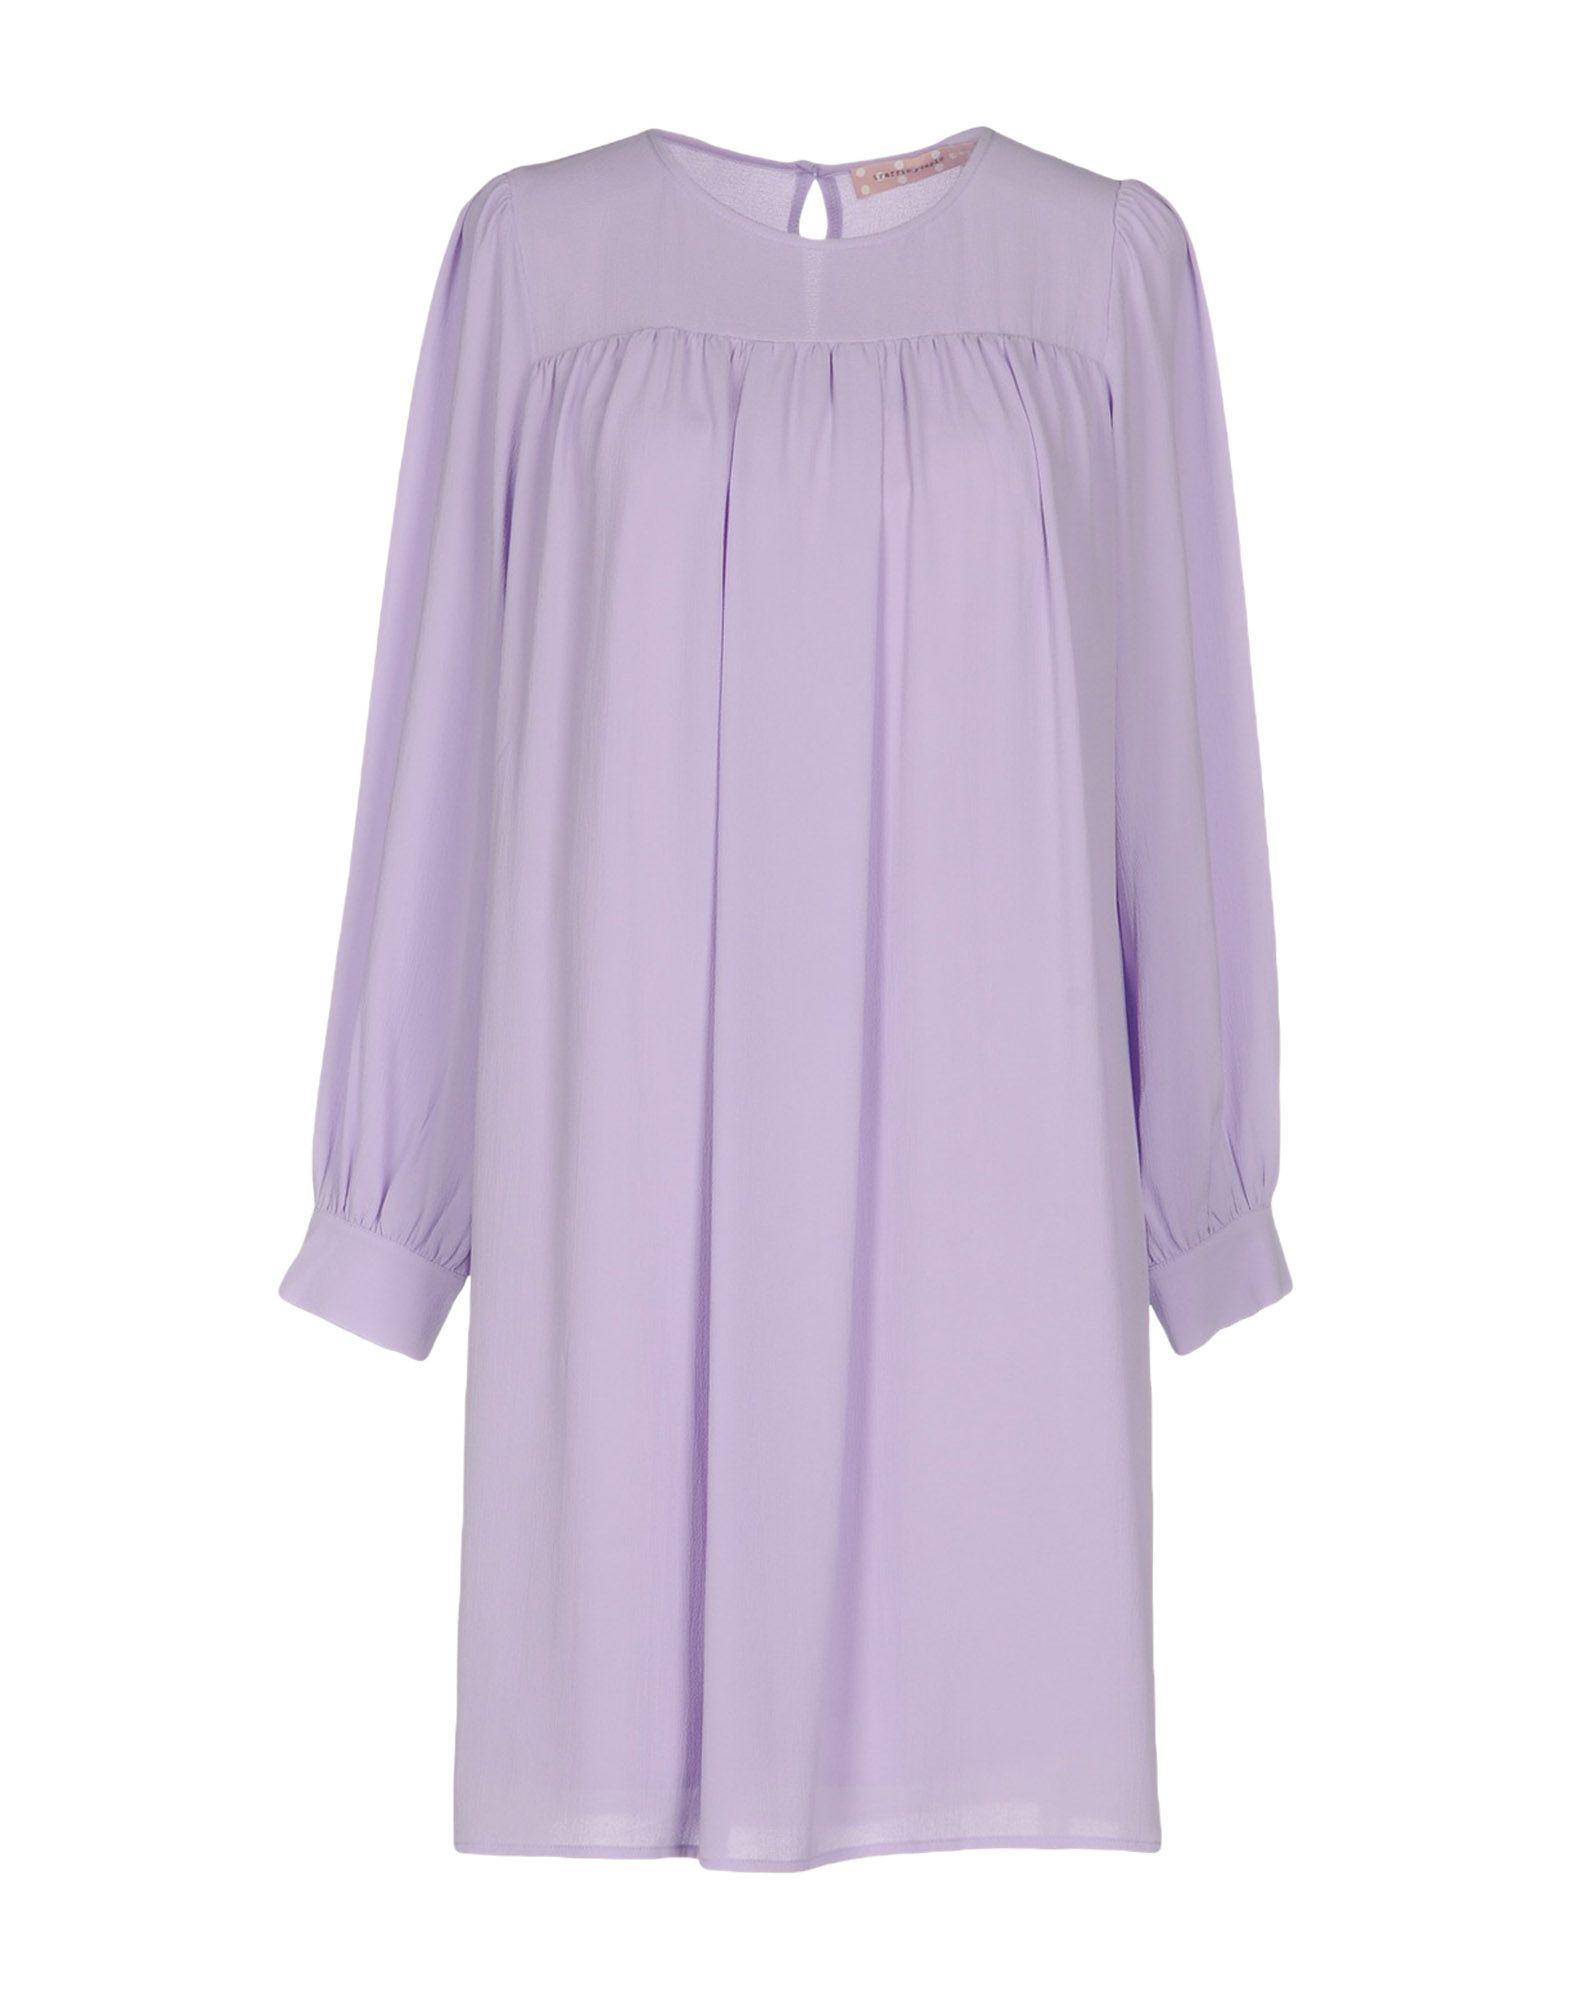 TRAFFIC PEOPLE Damen Kurzes Kleid Farbe Lila Größe 4